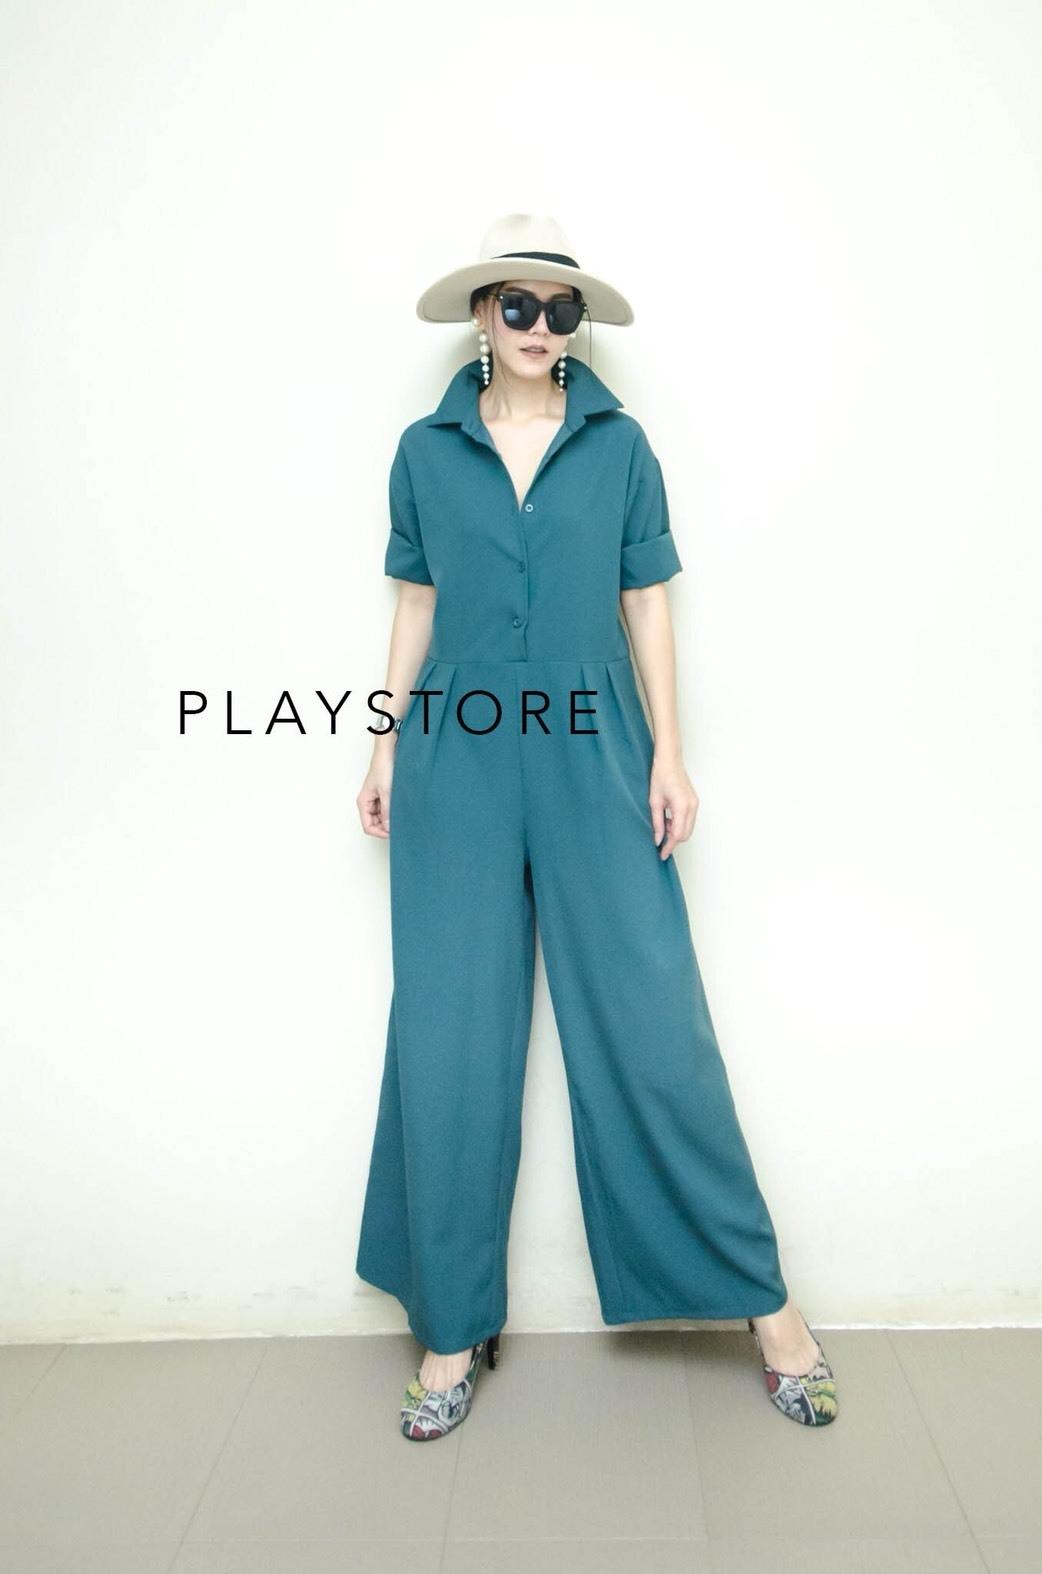 เสื้อผ้าเกาหลี พร้อมส่ง จัมพ์สูท กางเกงขายาวทรงหลวม